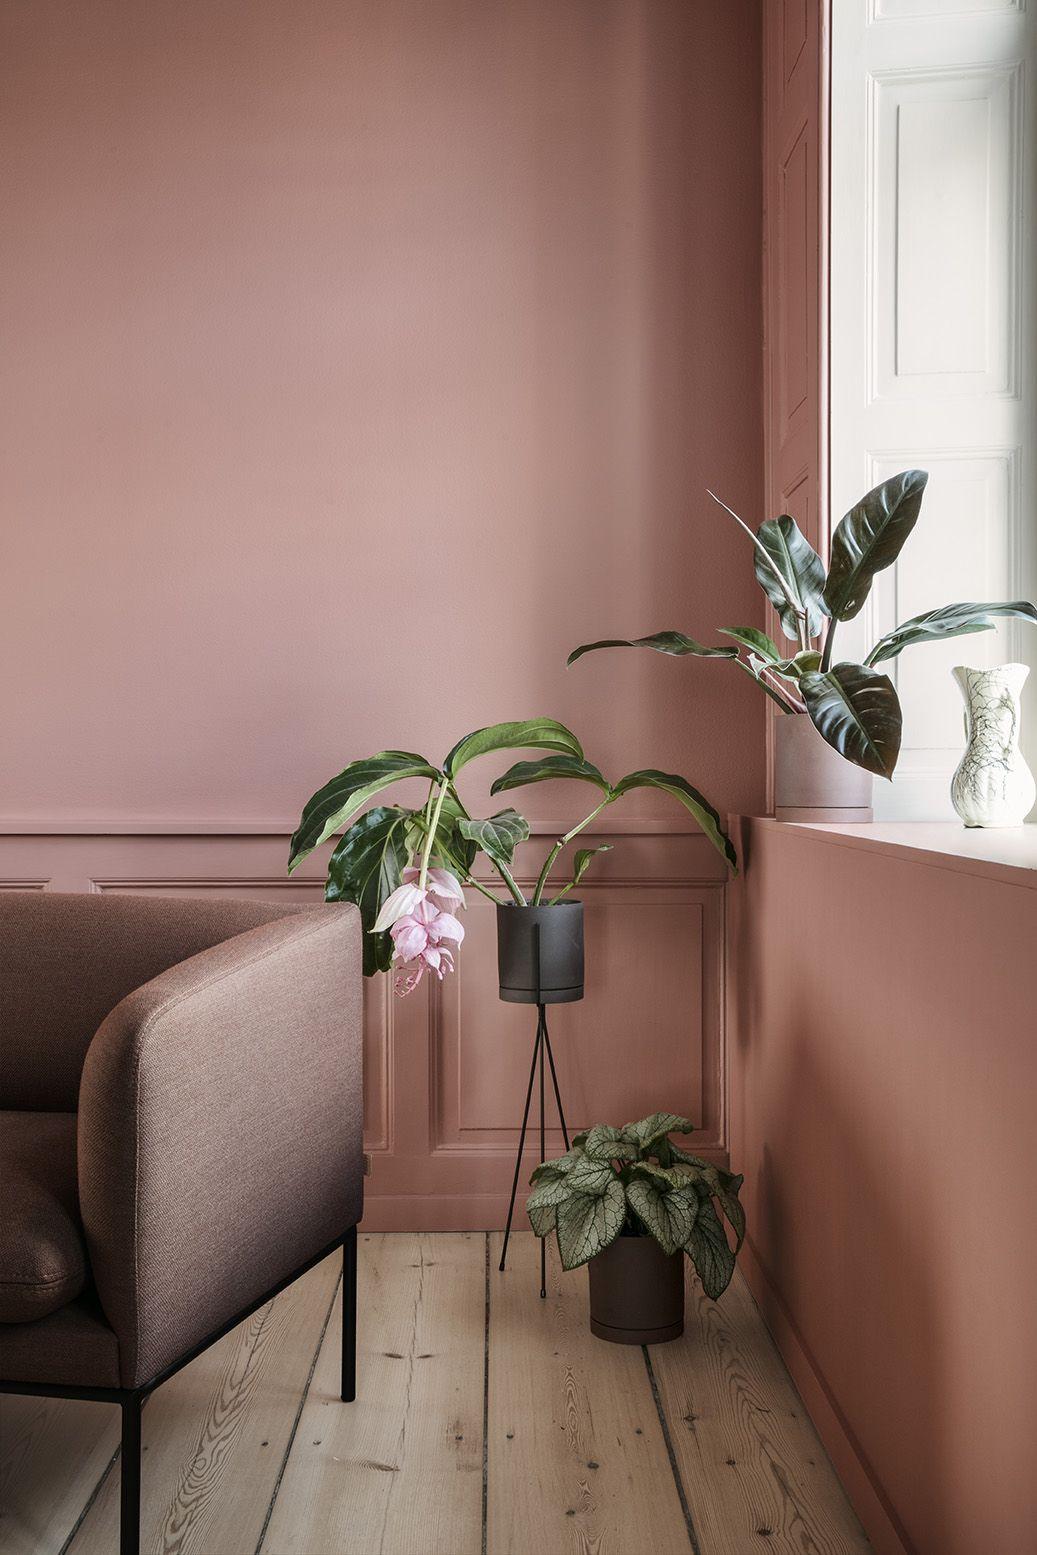 Leben mit pflanzen wohnzimmer pflanzen pinterest for Pflanzen wohnzimmer